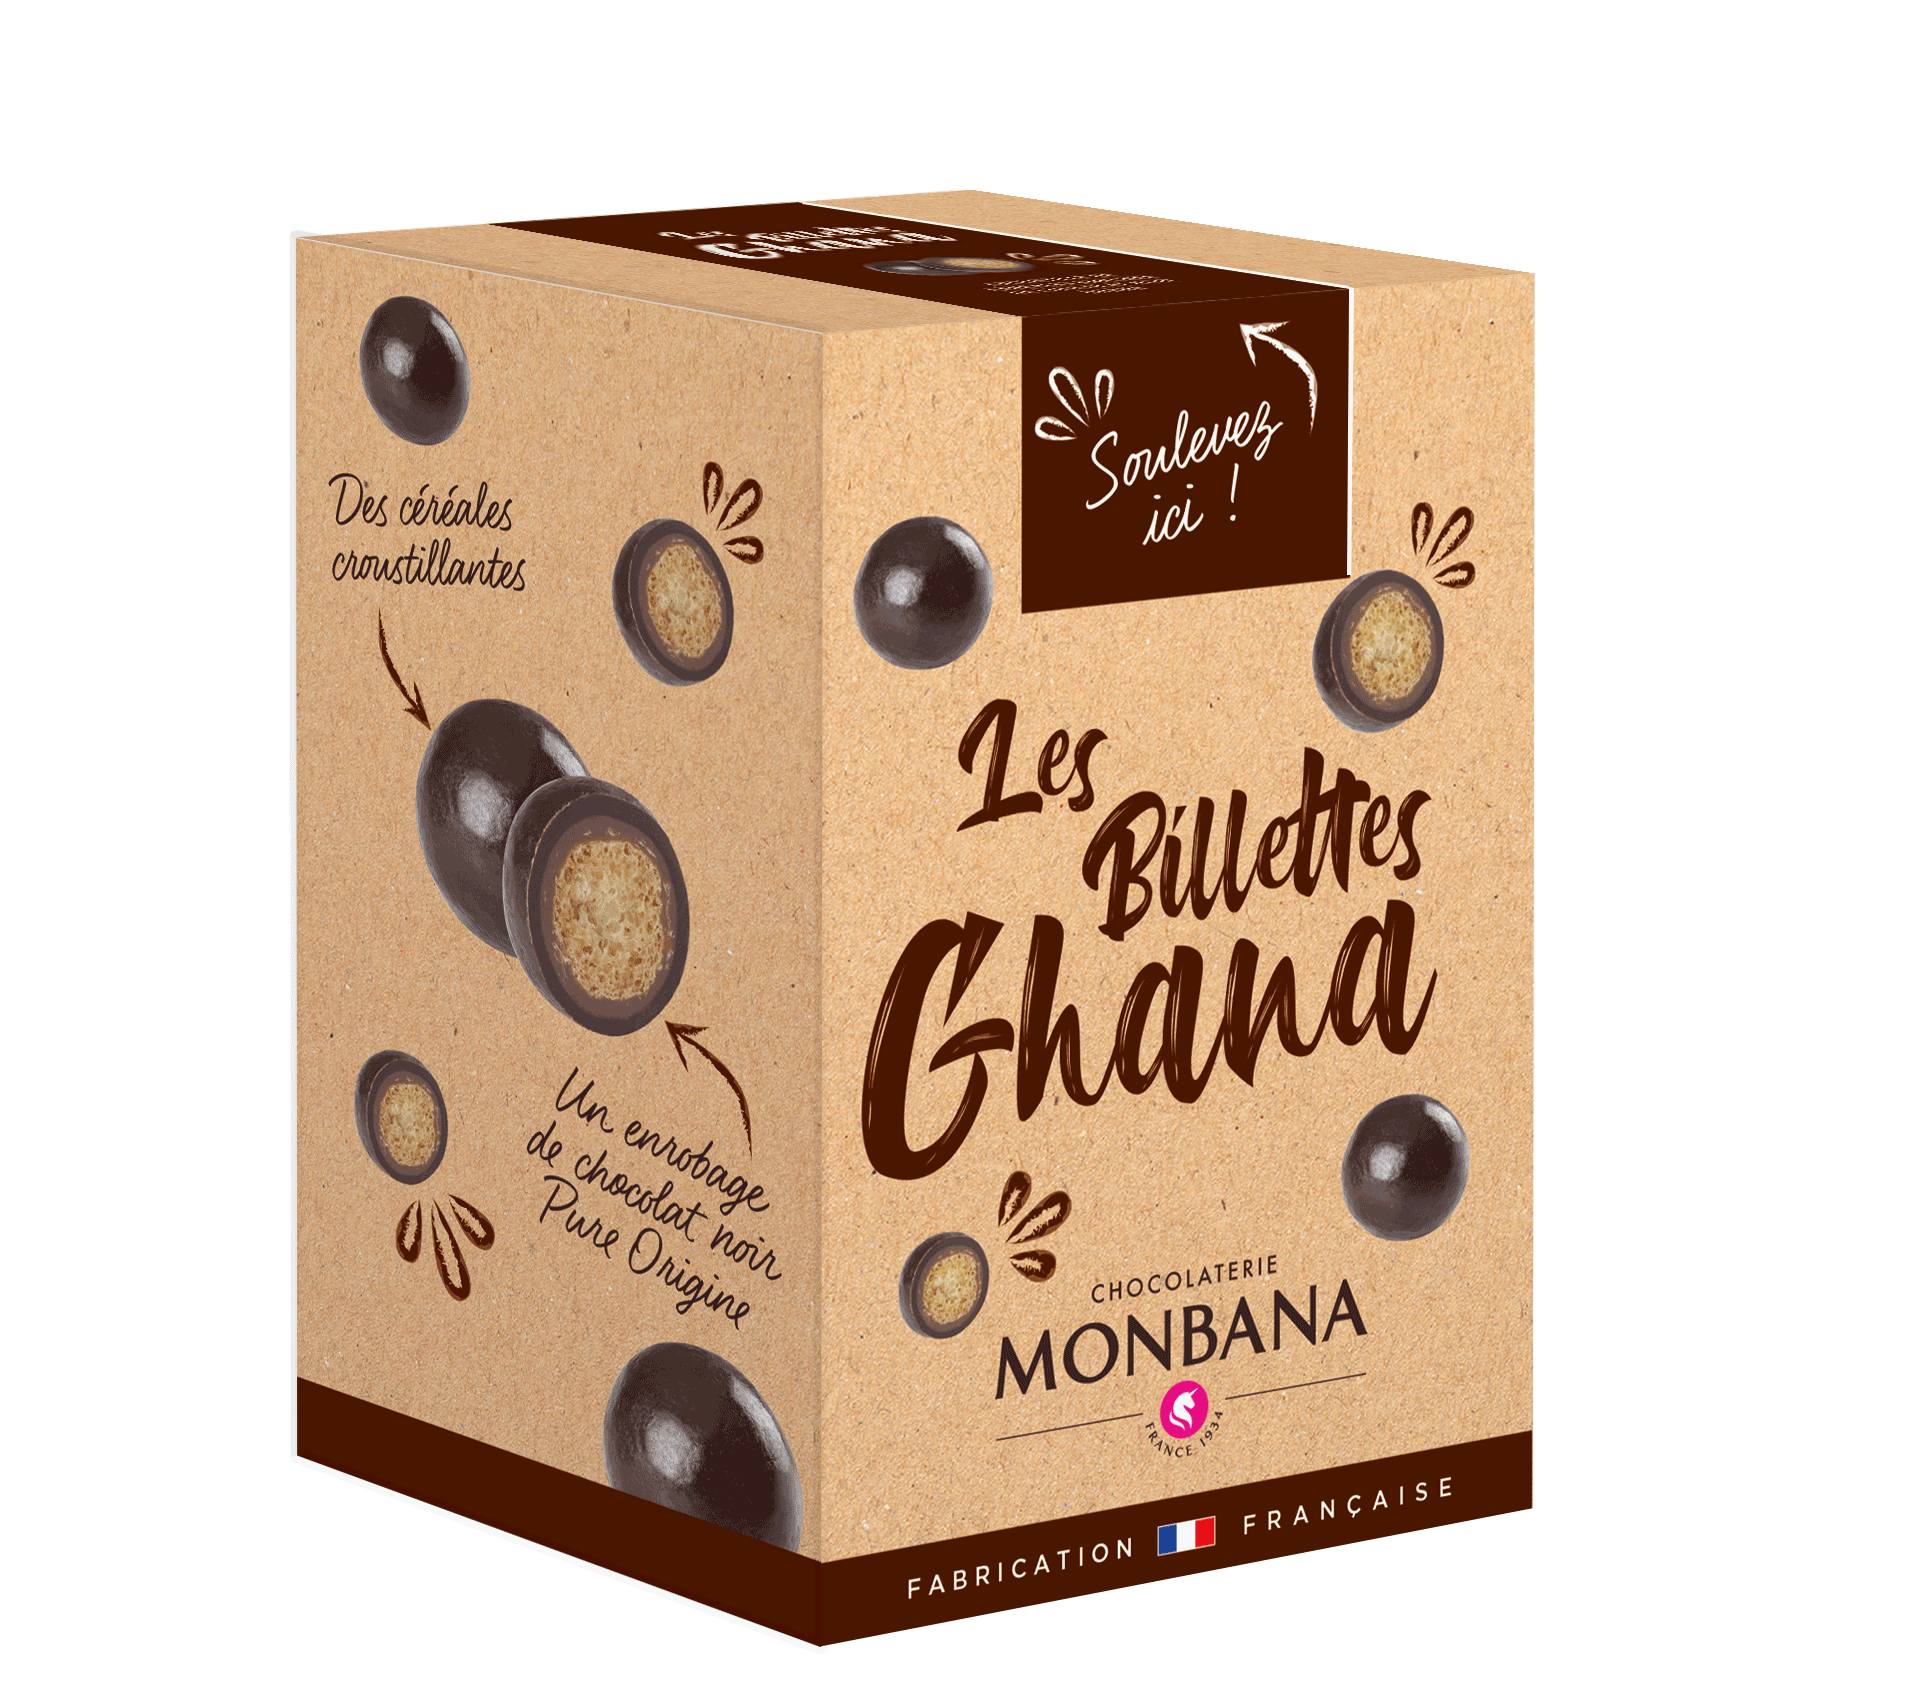 Croustille de céréales au chocolat noir 70% pure origine Ghana.